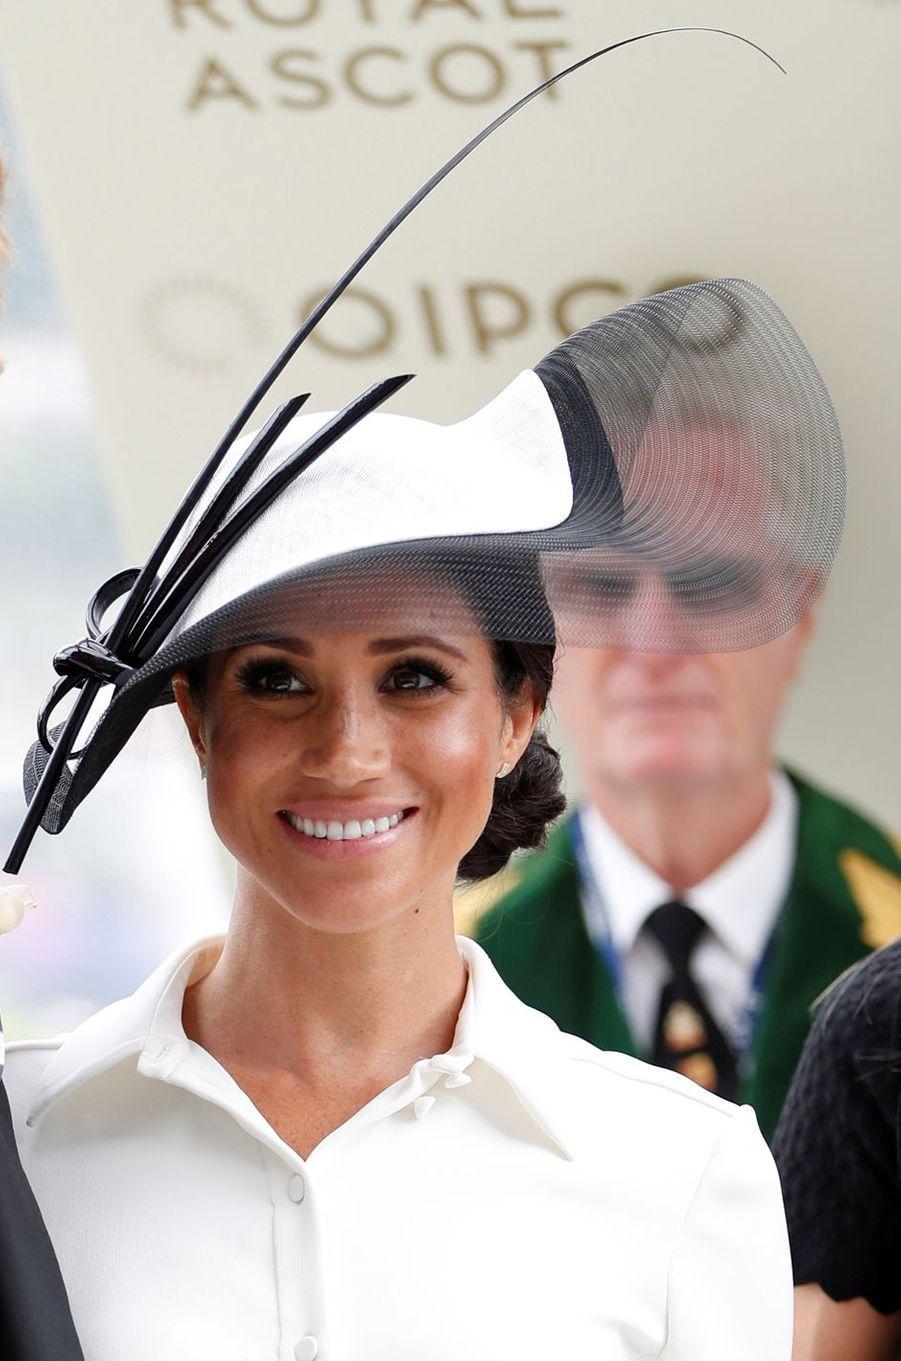 Meghan Markle, duchesse de Sussex, au Royal Ascot, le 19 juin 2018